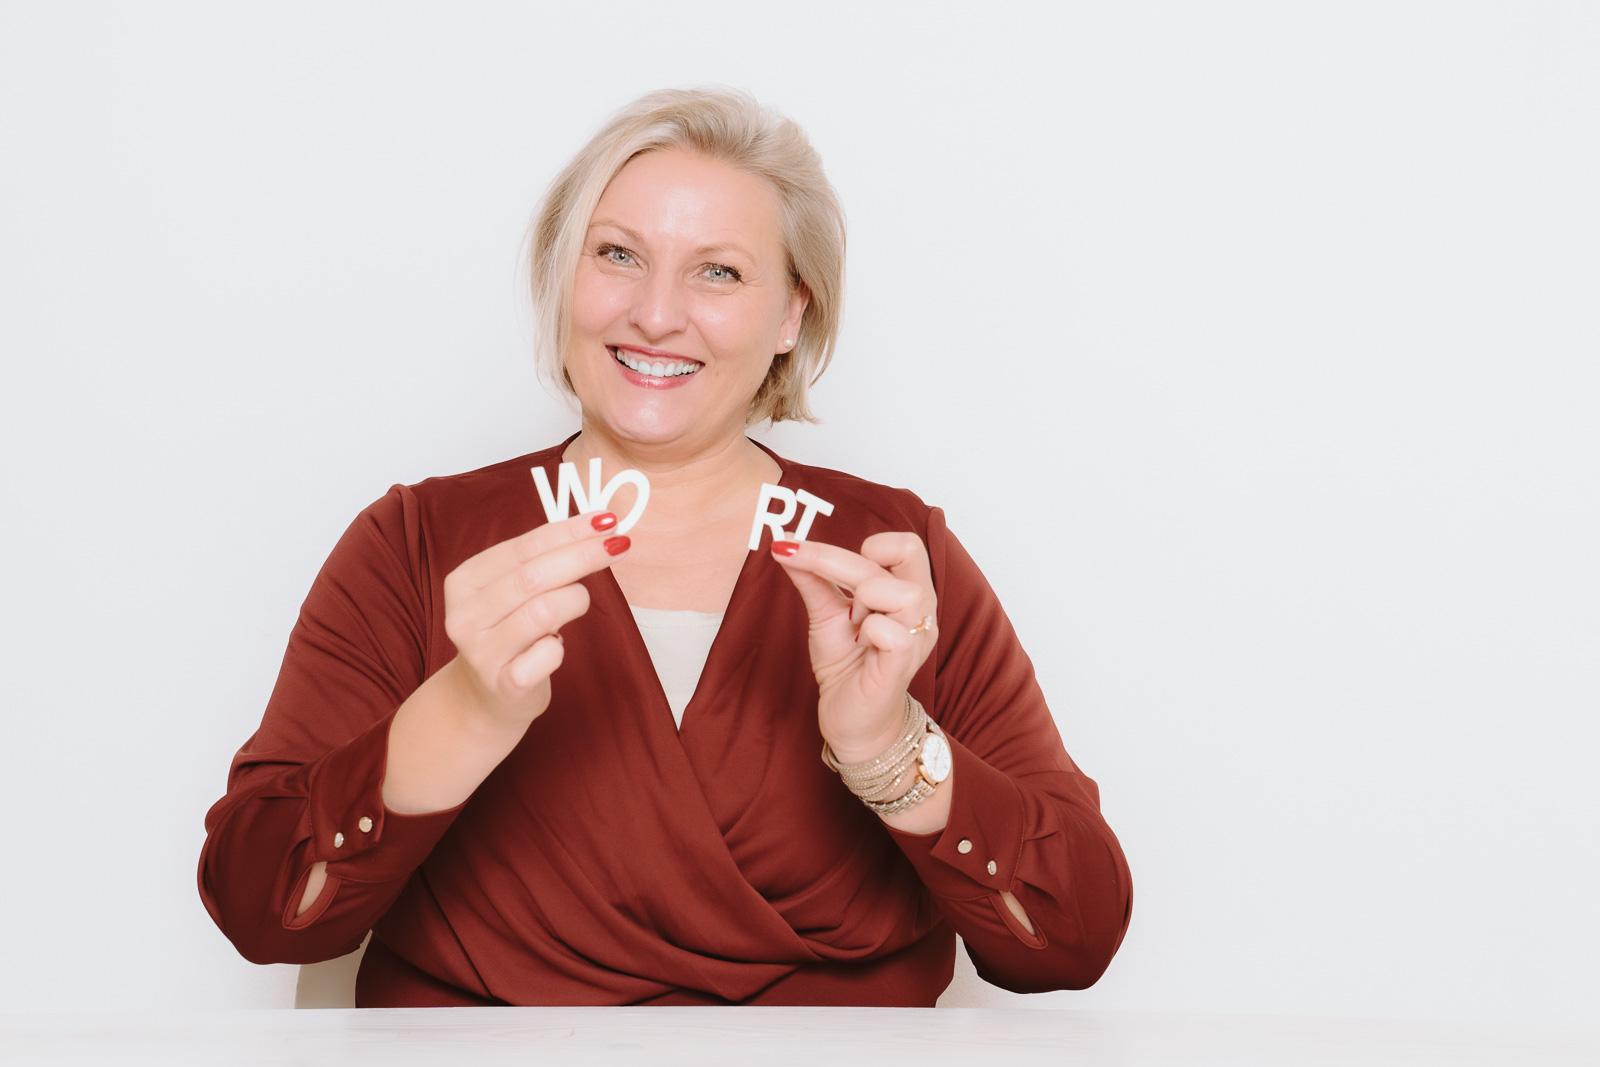 Businessporträts - Logopädin Kerstin Winterboer zeigt- das Wort geht leicht von der Zunge